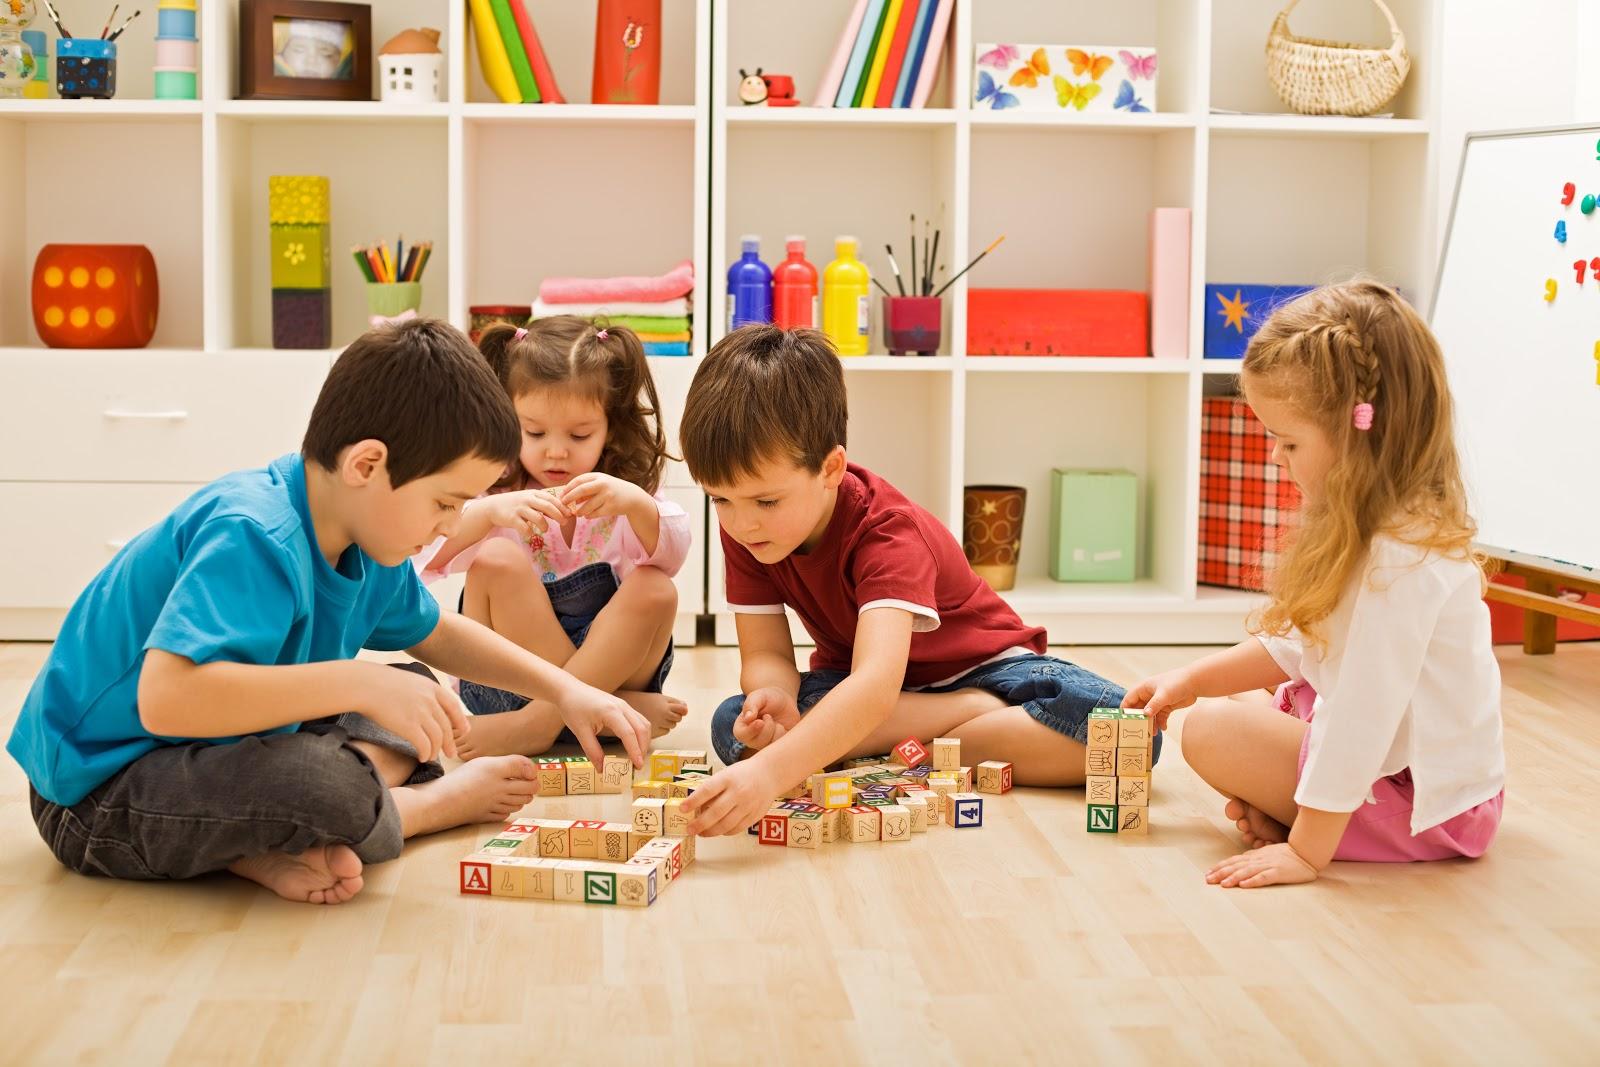 imagem de crianças brincando